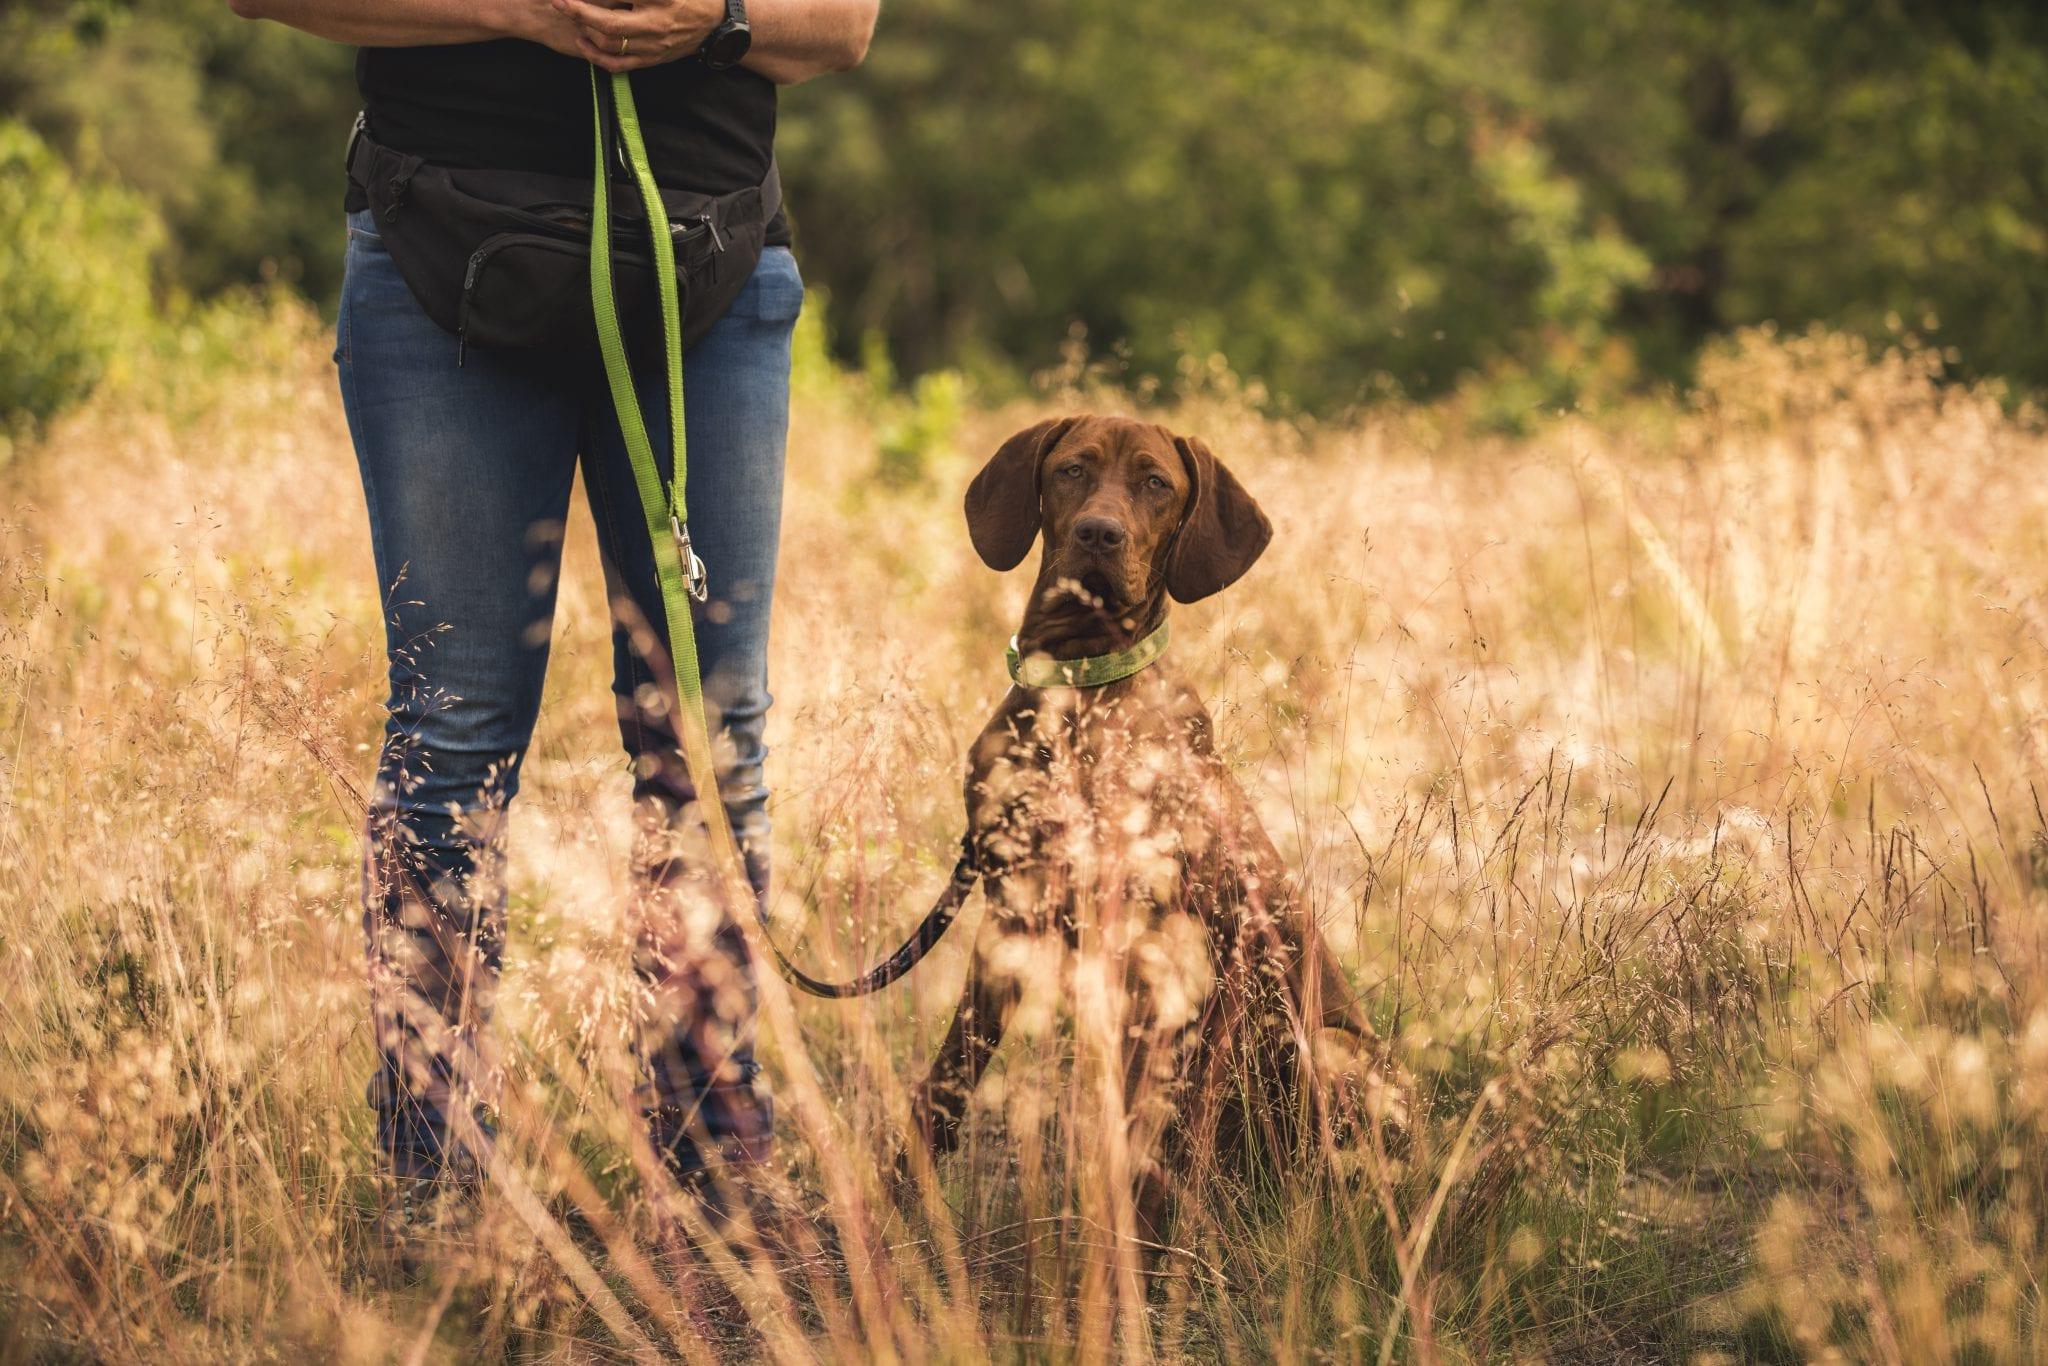 Giardia mensen behandeling - Giardia bacterie bij honden